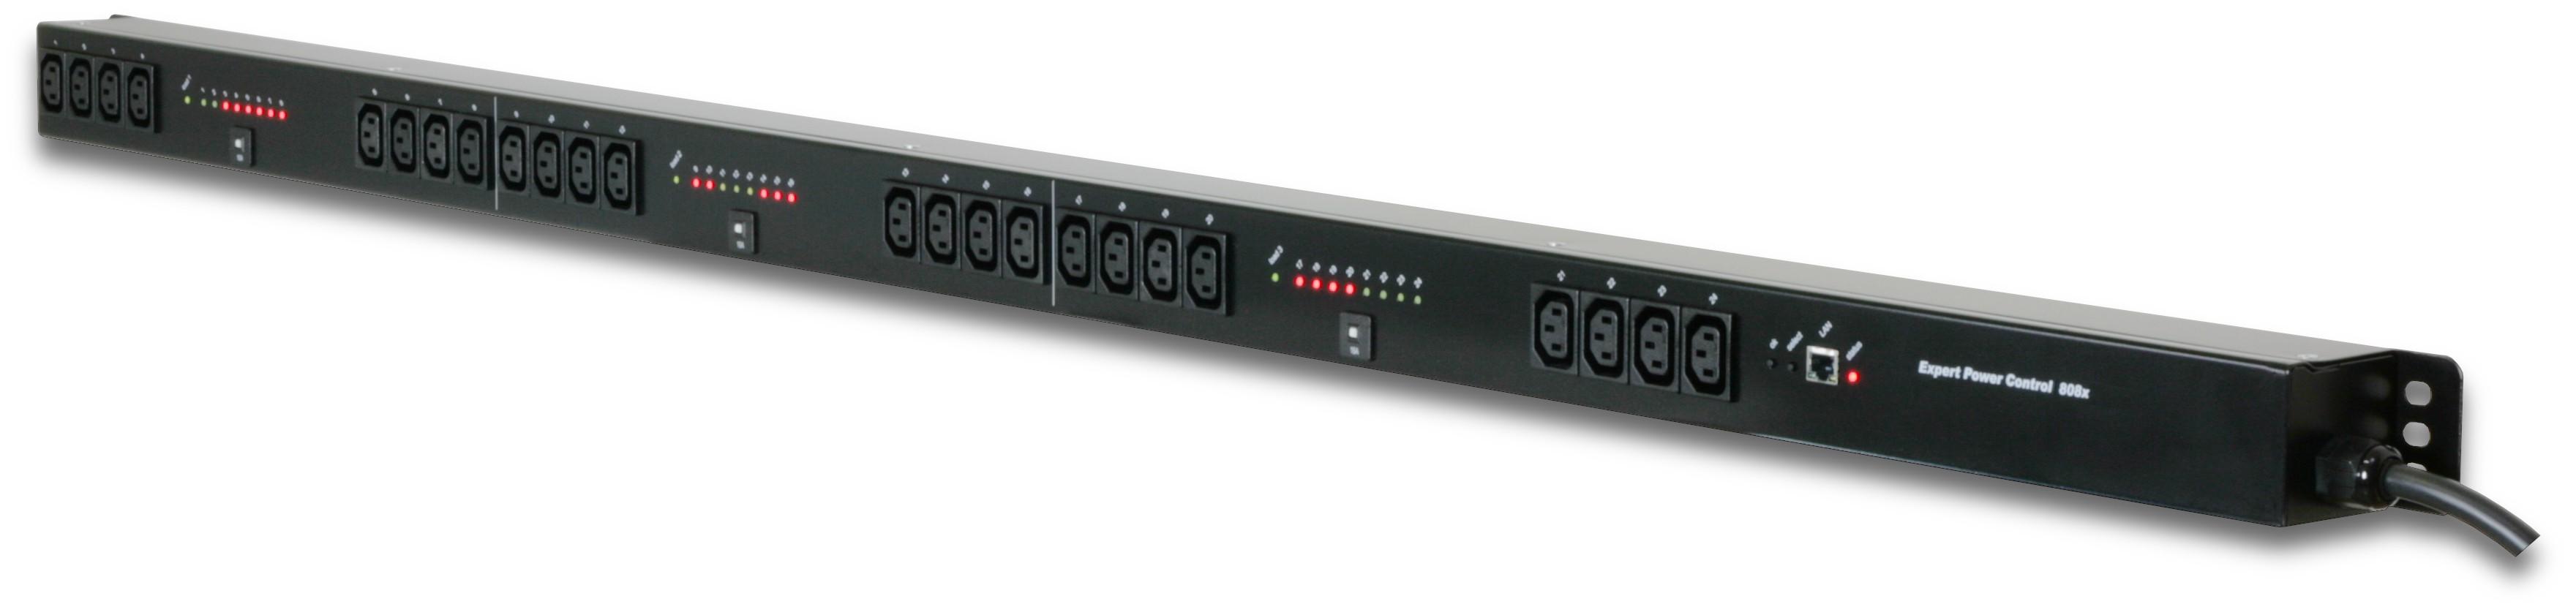 Expert Power Control 8084